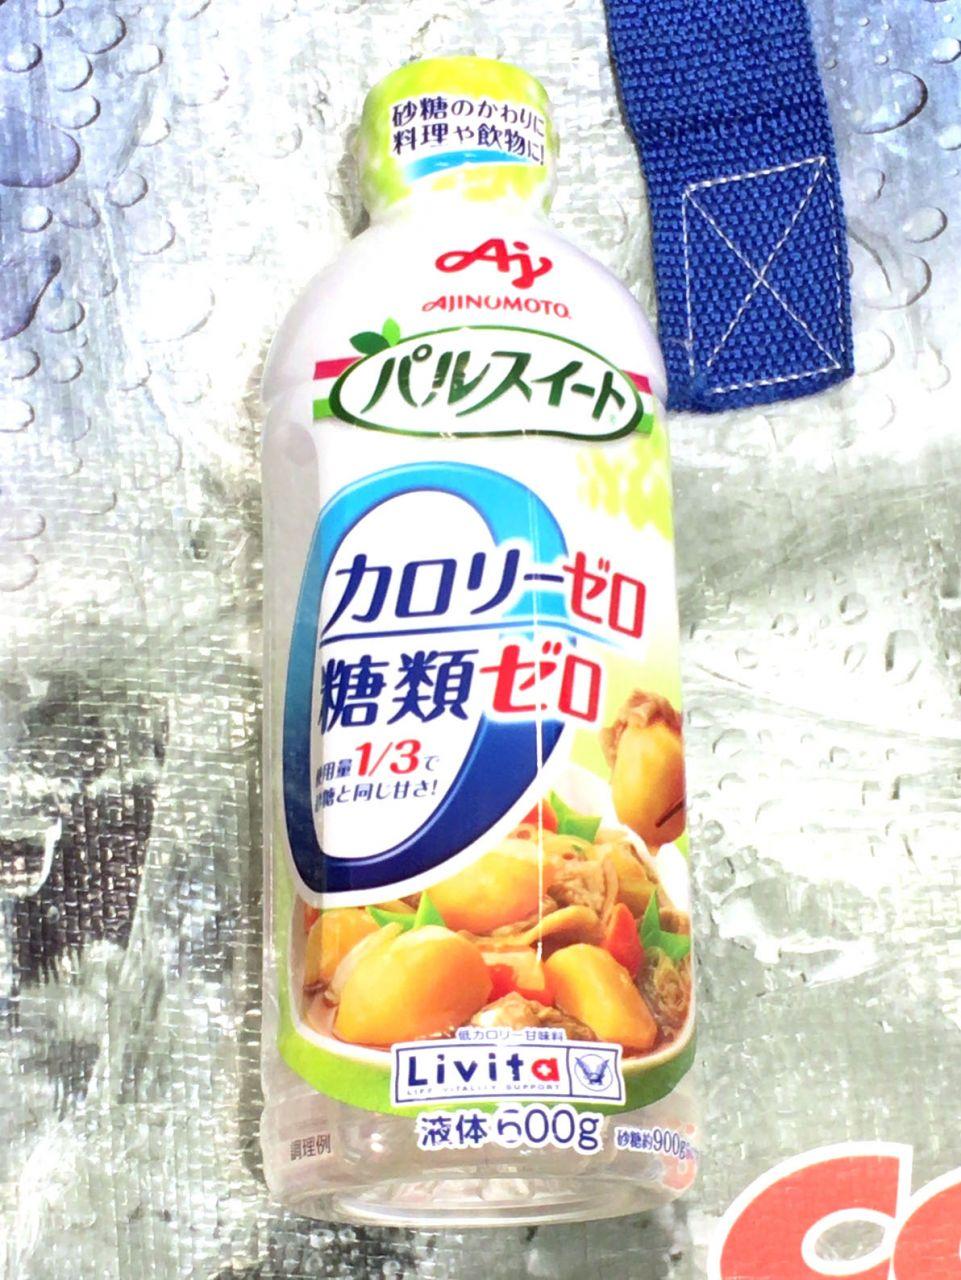 砂糖 カロリー ゼロ